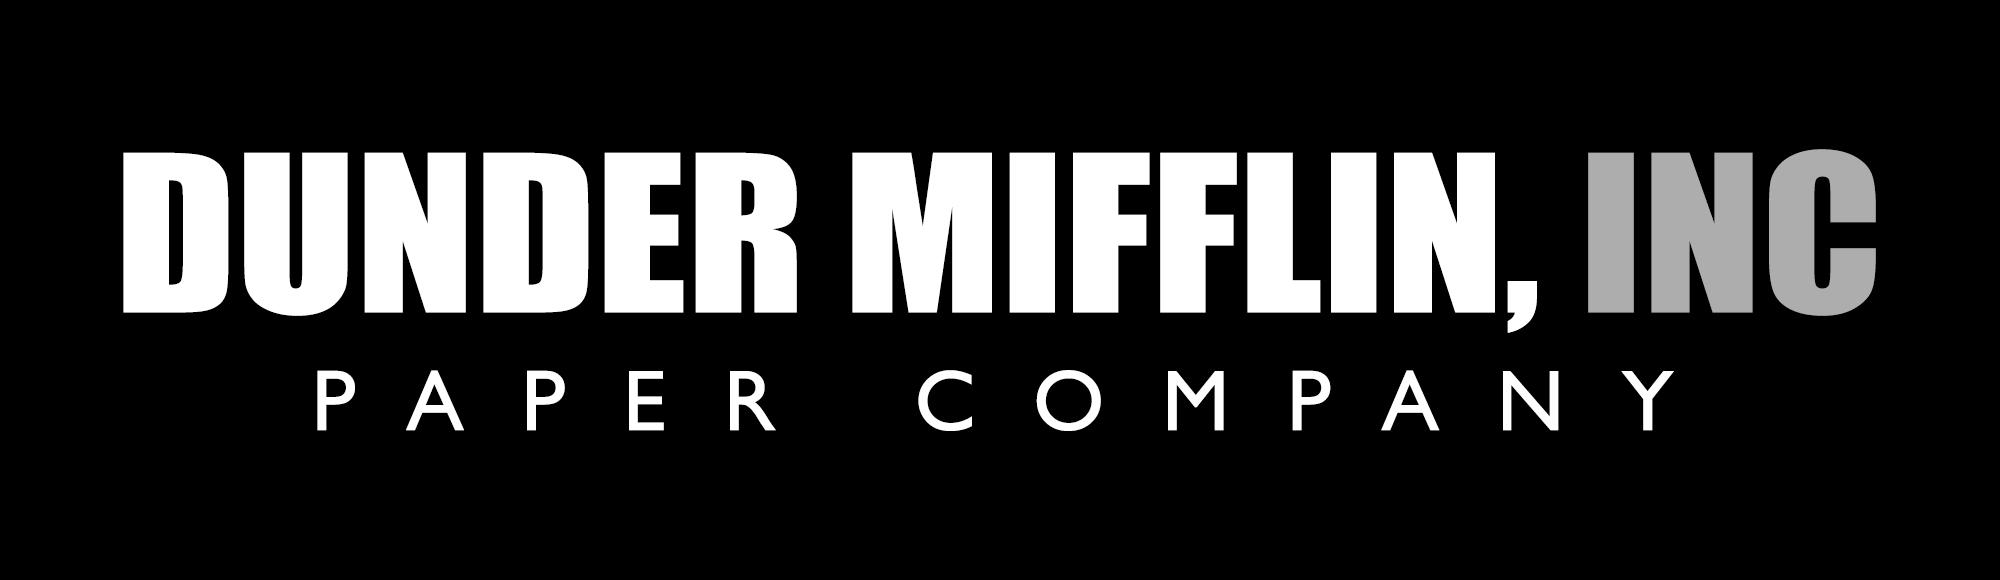 Dunder Mifflin, Inc Long.jpg